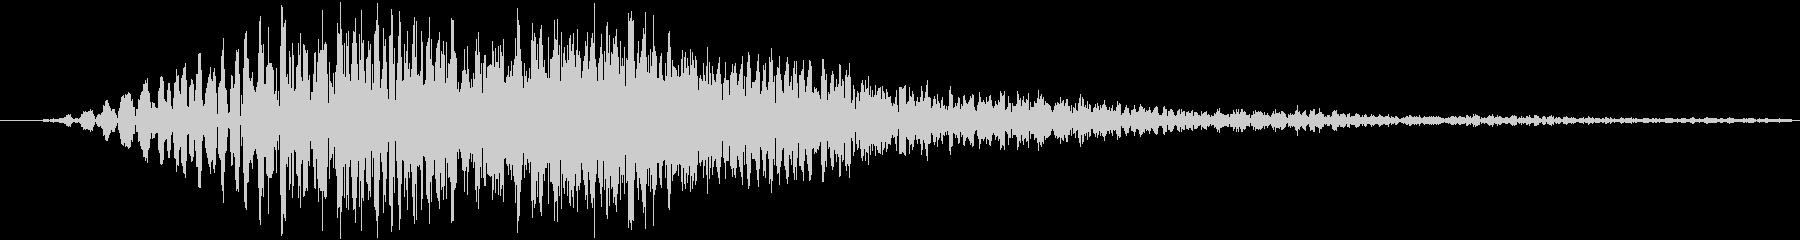 サウンドロゴ13の未再生の波形